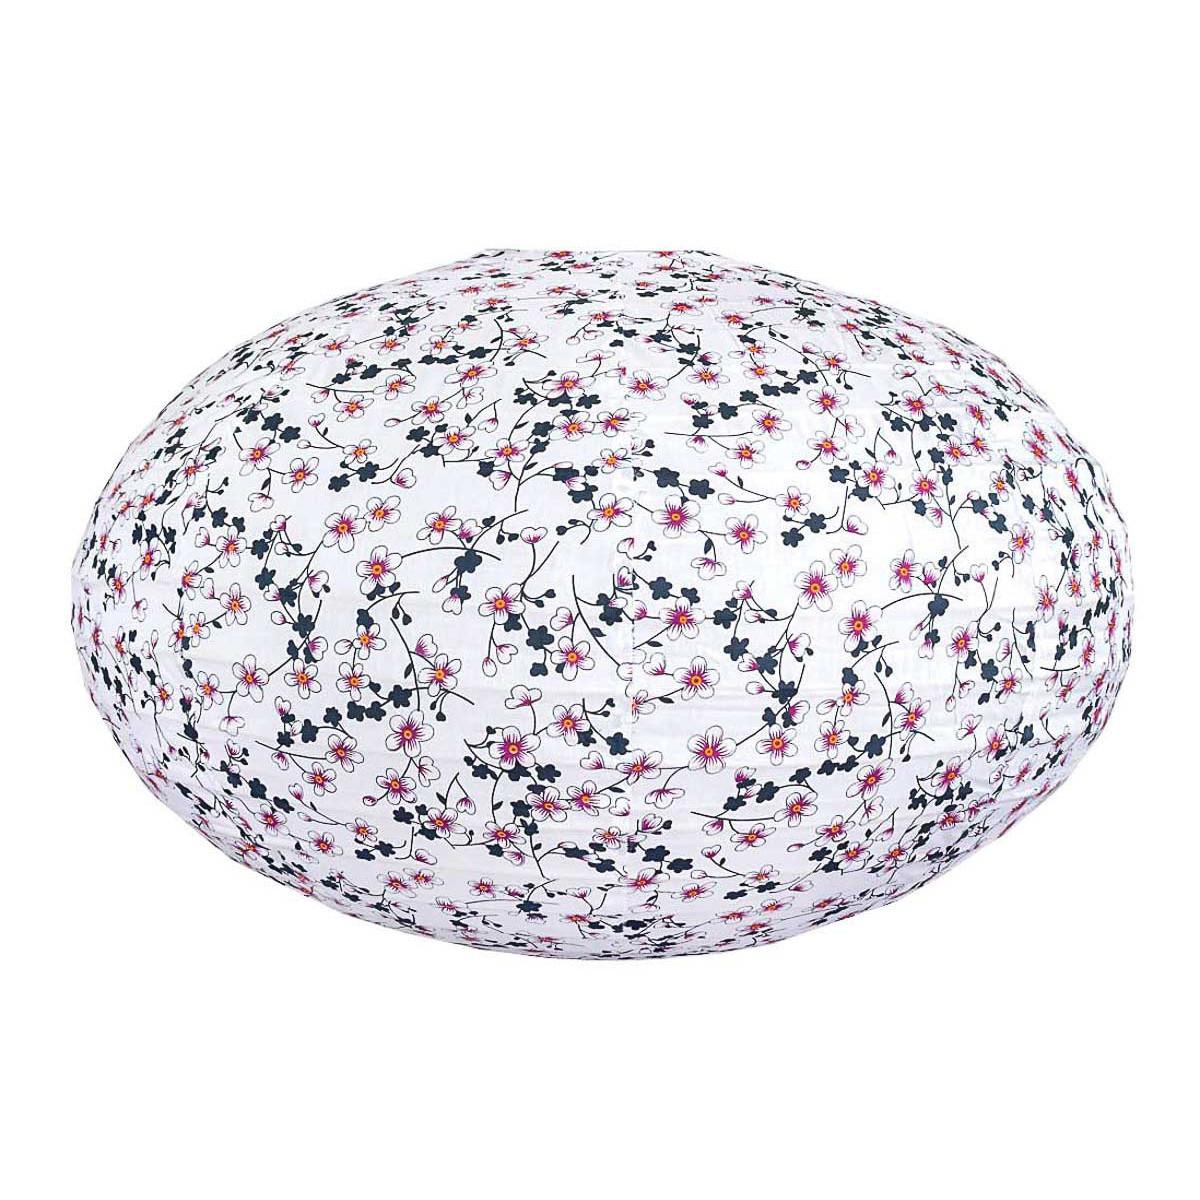 Lampion tissu boule japonaise ovale blanc et fleurs cerisiers